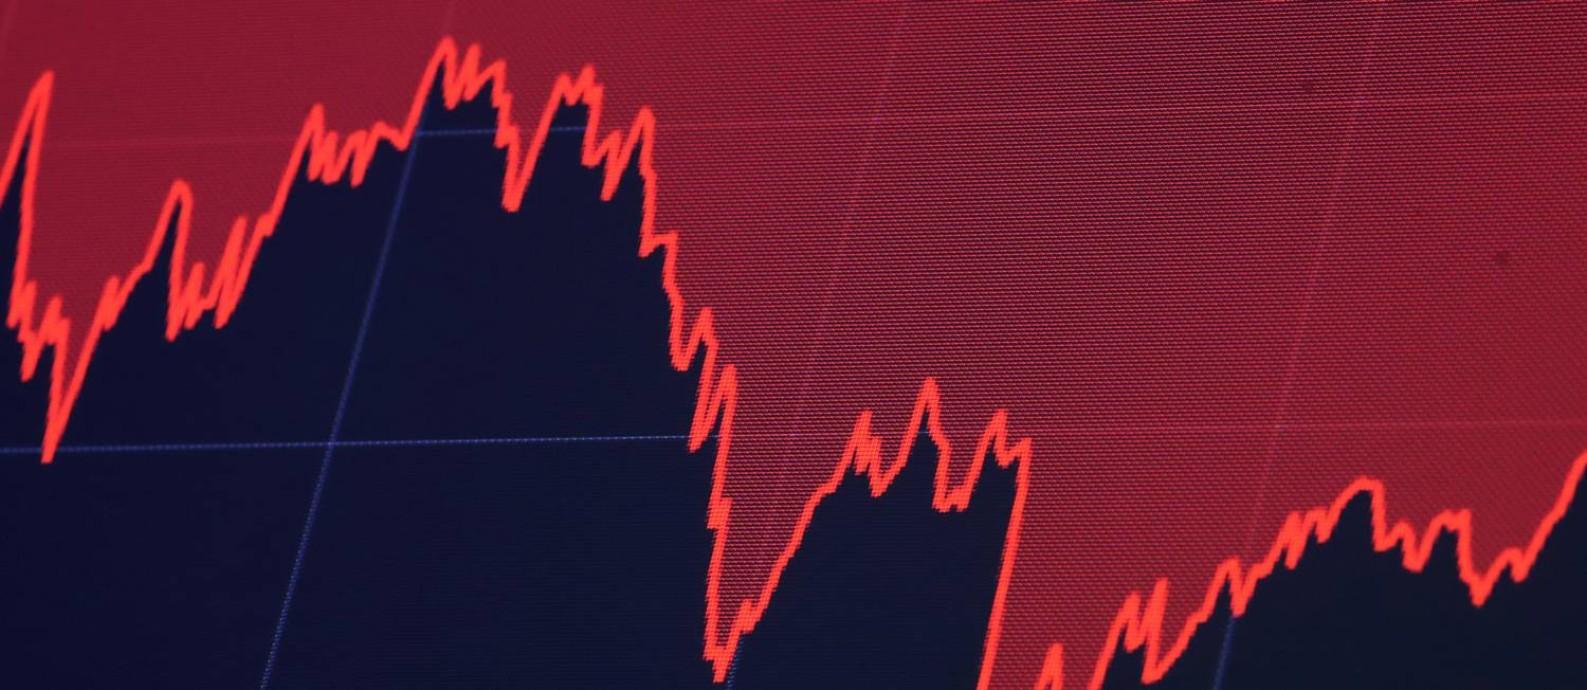 Gráfico do mercado financeiro: empresas sem autorização oferecem retornos irrealistas Foto: BRENDAN MCDERMID / REUTERS